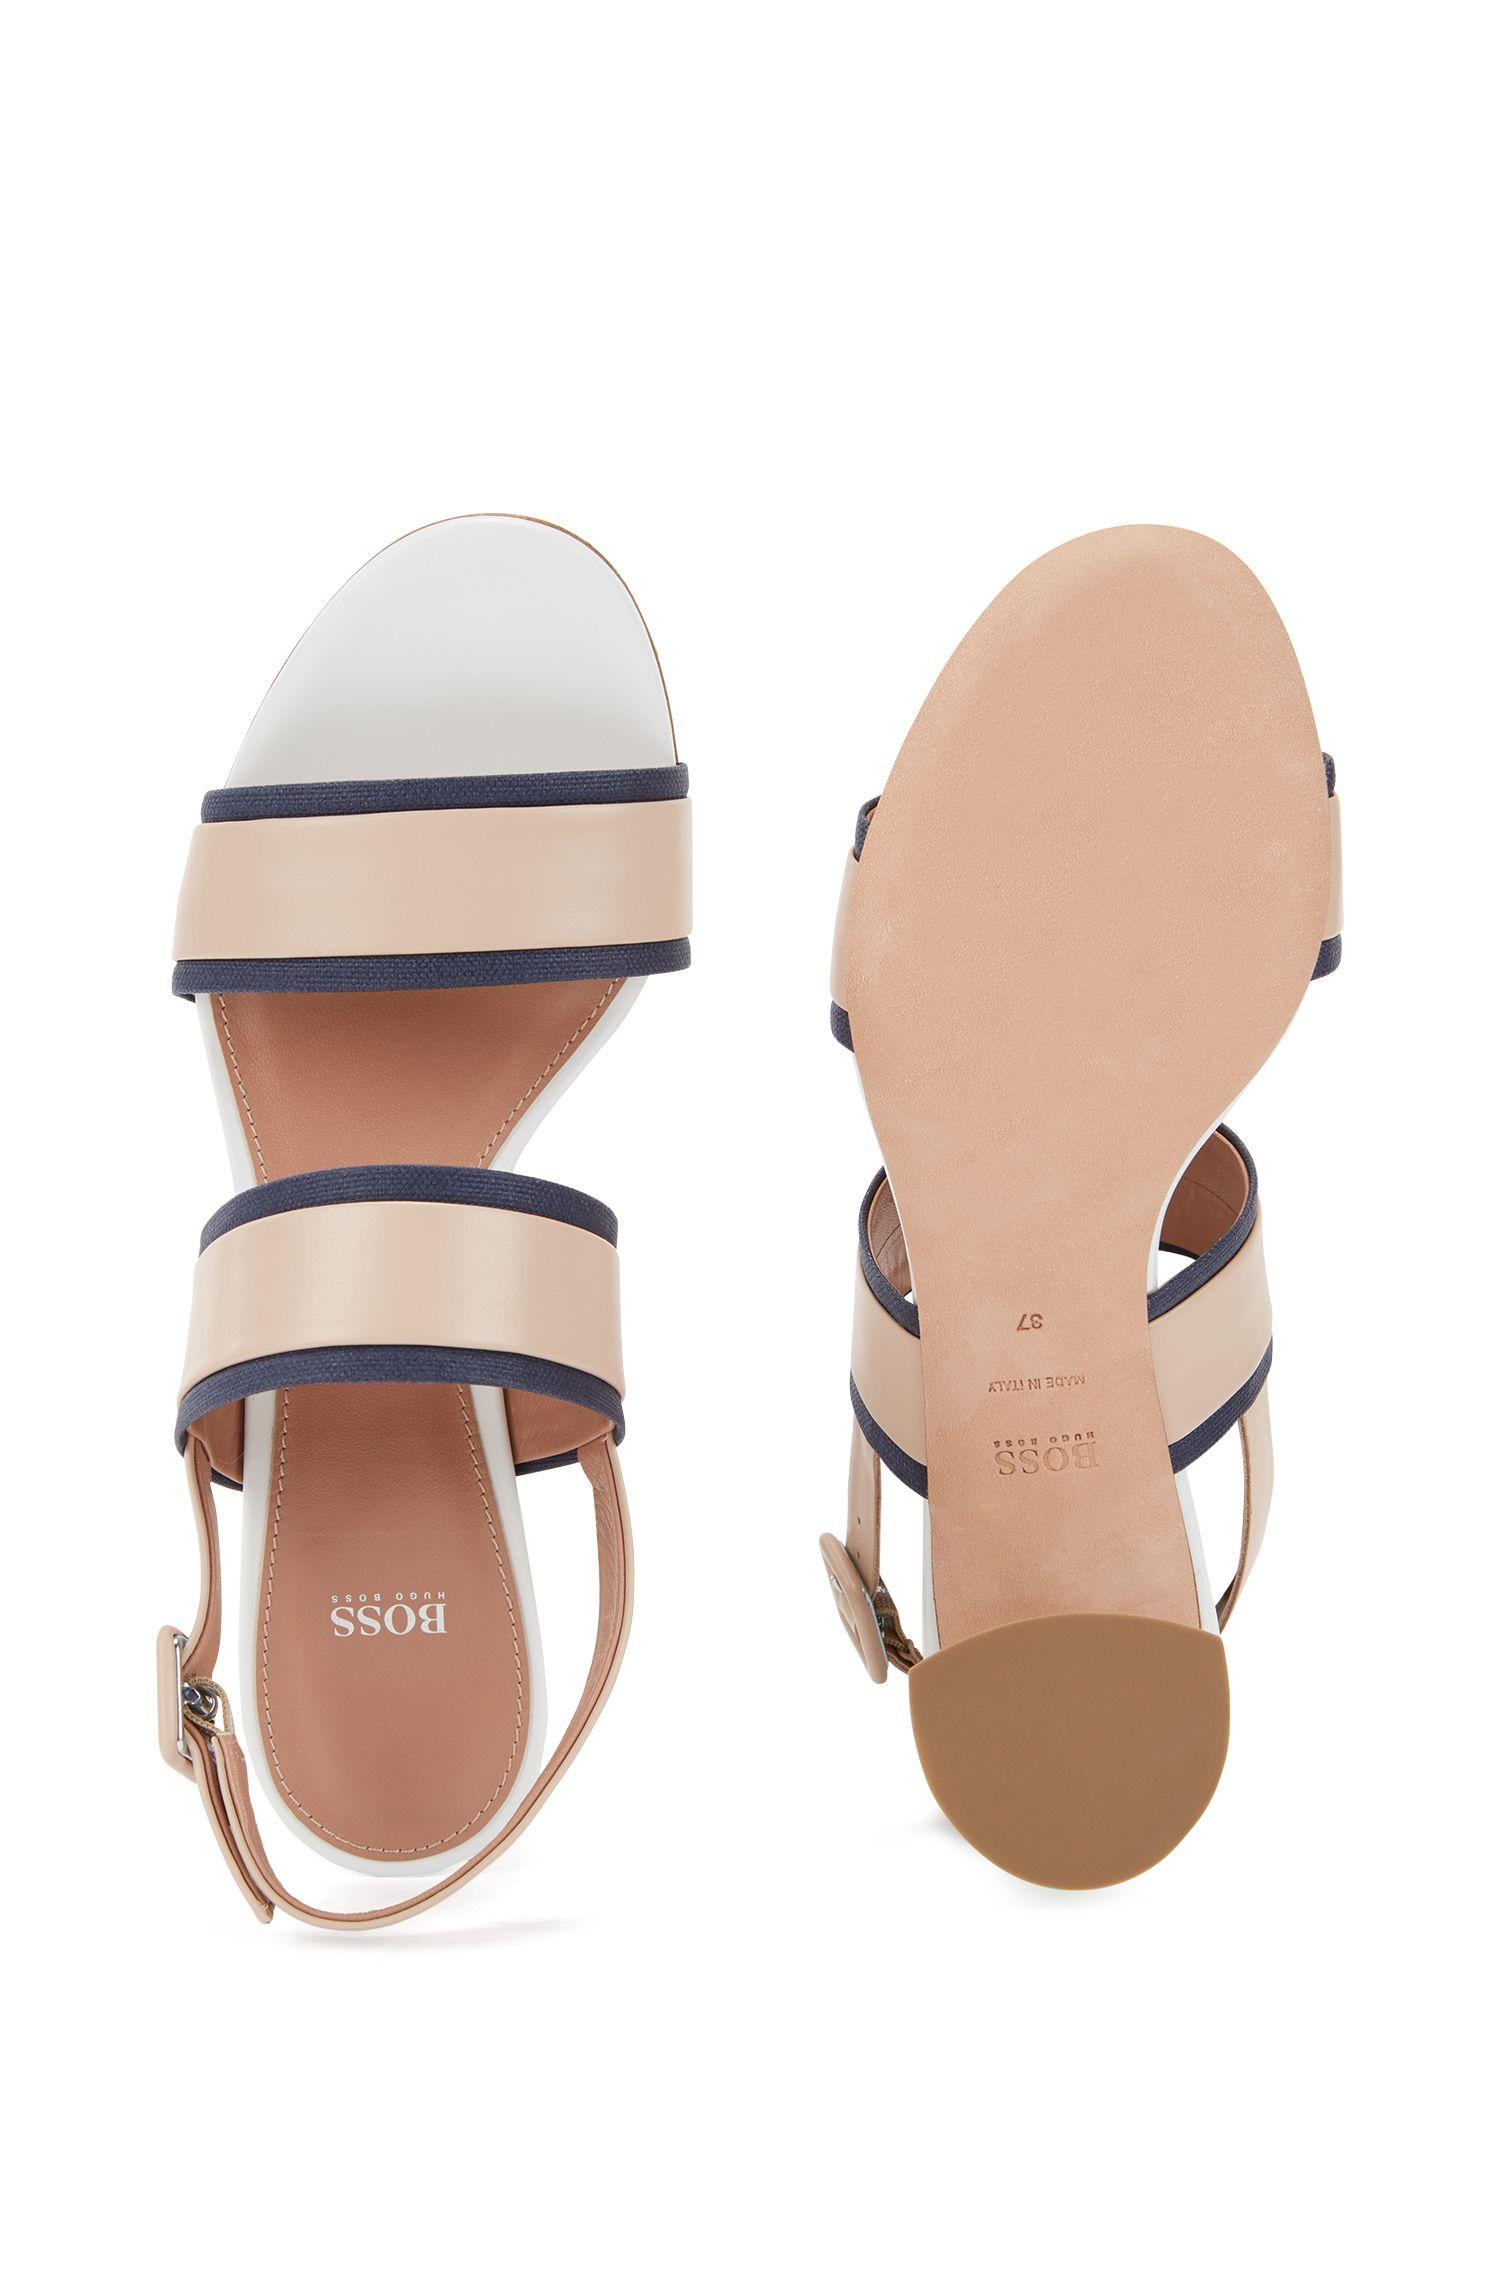 Sandalen aus italienischem Leder mit Canvas-Besatz MUBHl